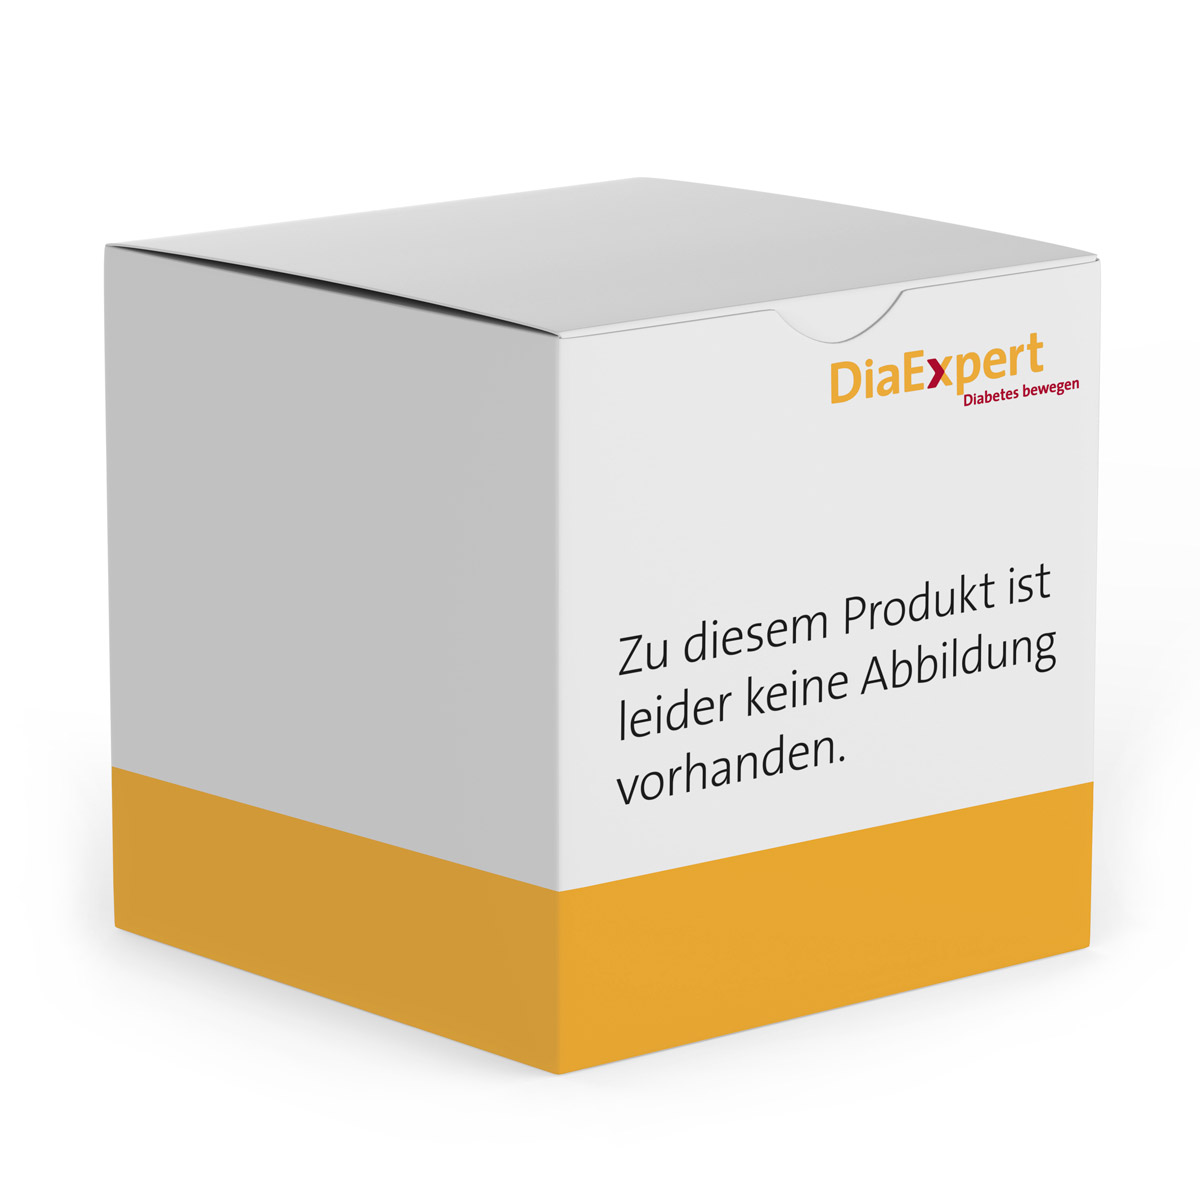 Silikonschutzhülle grau für MiniMed 511/512/522 und Veo 554